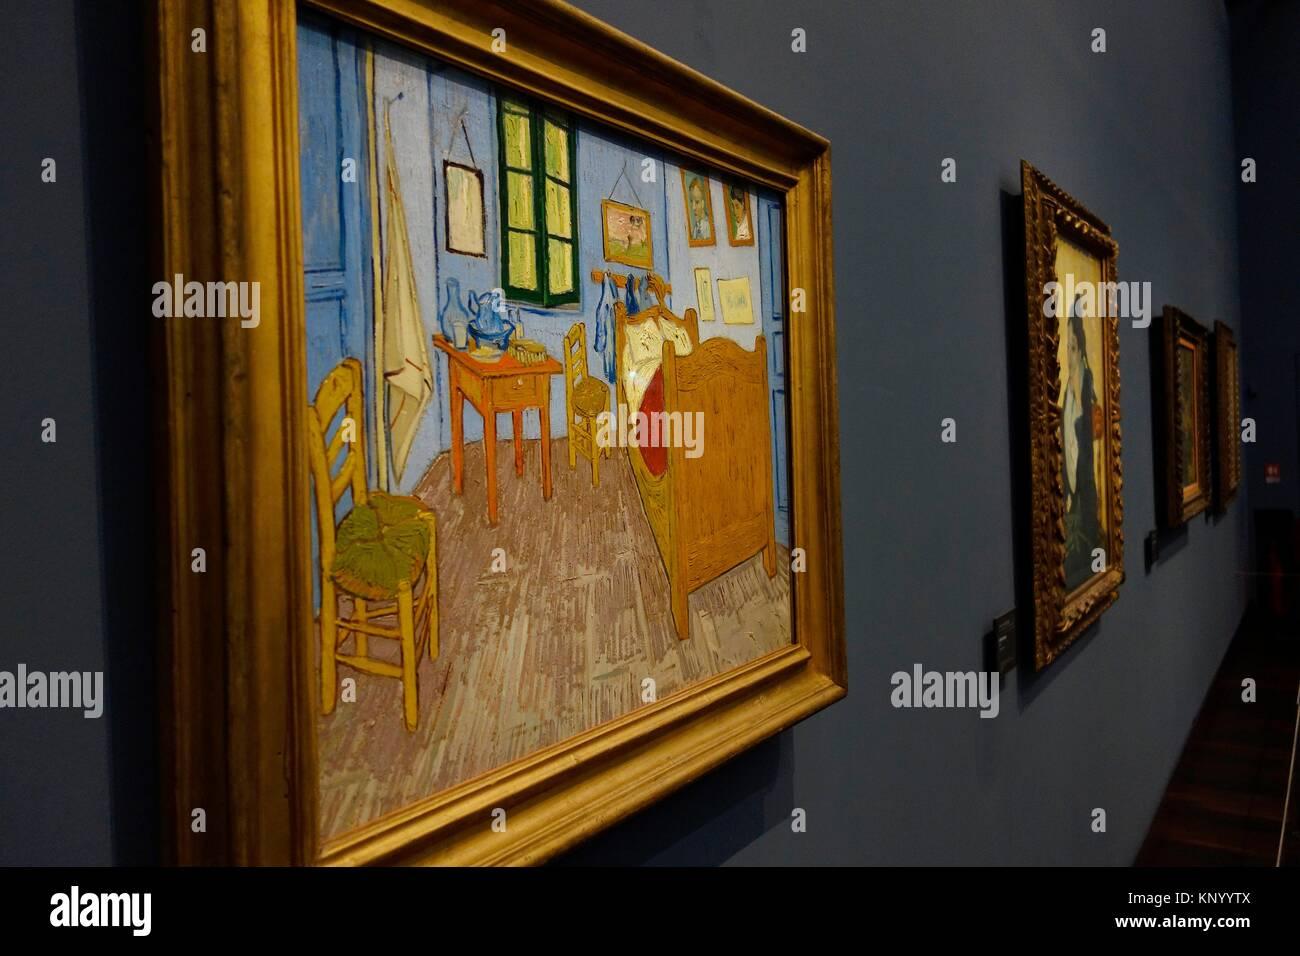 Camera Da Letto In Arles 1889 Vincent Van Gogh Il Museo D Orsay Parigi La Francia L Europa Foto Stock Alamy